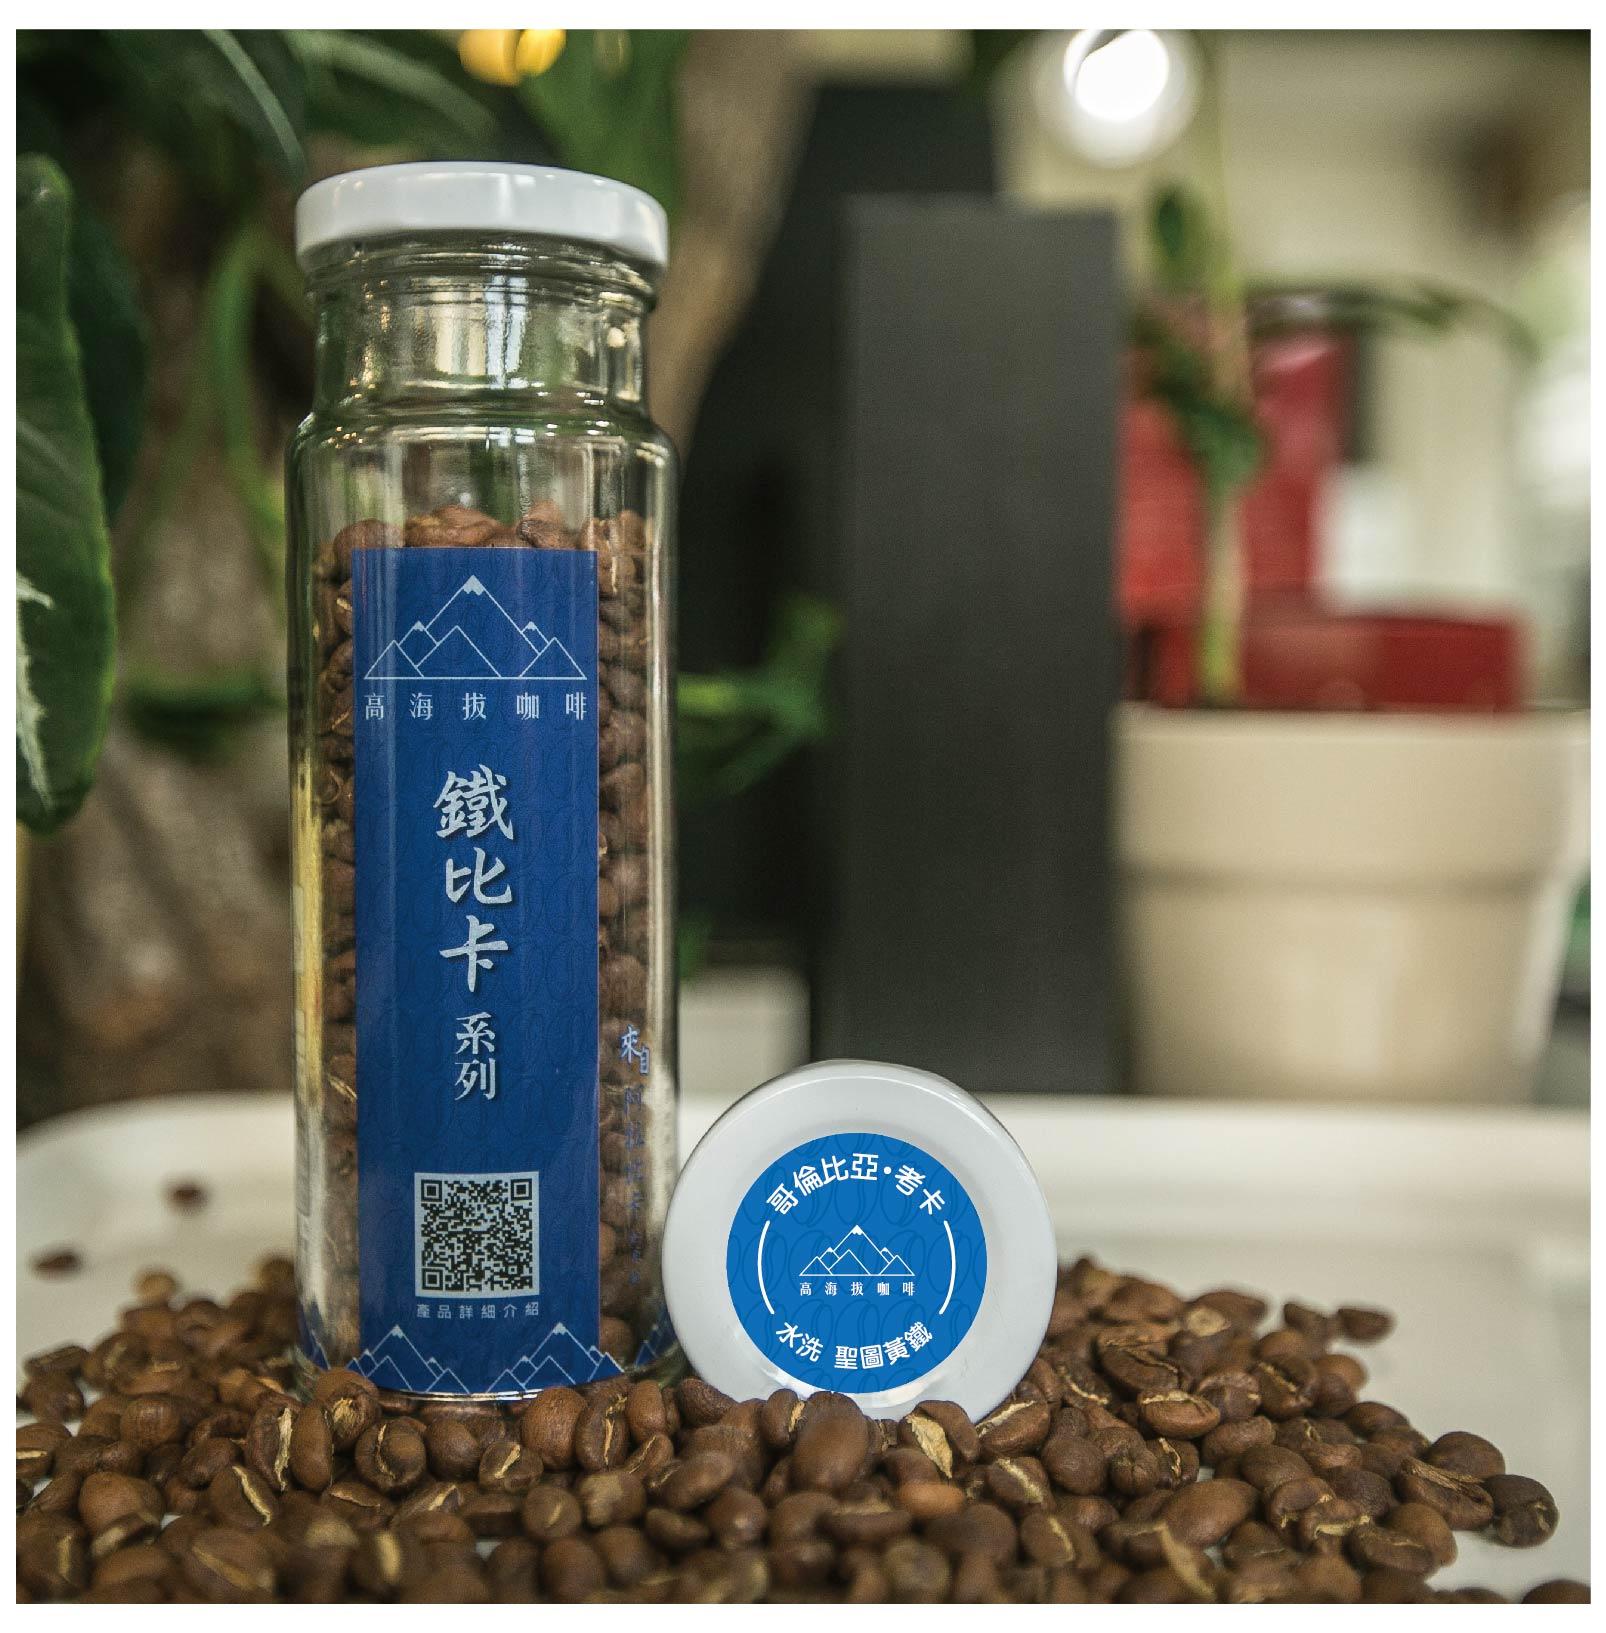 鐵比卡系列/聖圖黃鐵 (1/4磅咖啡豆/1/4磅咖啡粉/浸泡式-10入/掛耳式-10入)